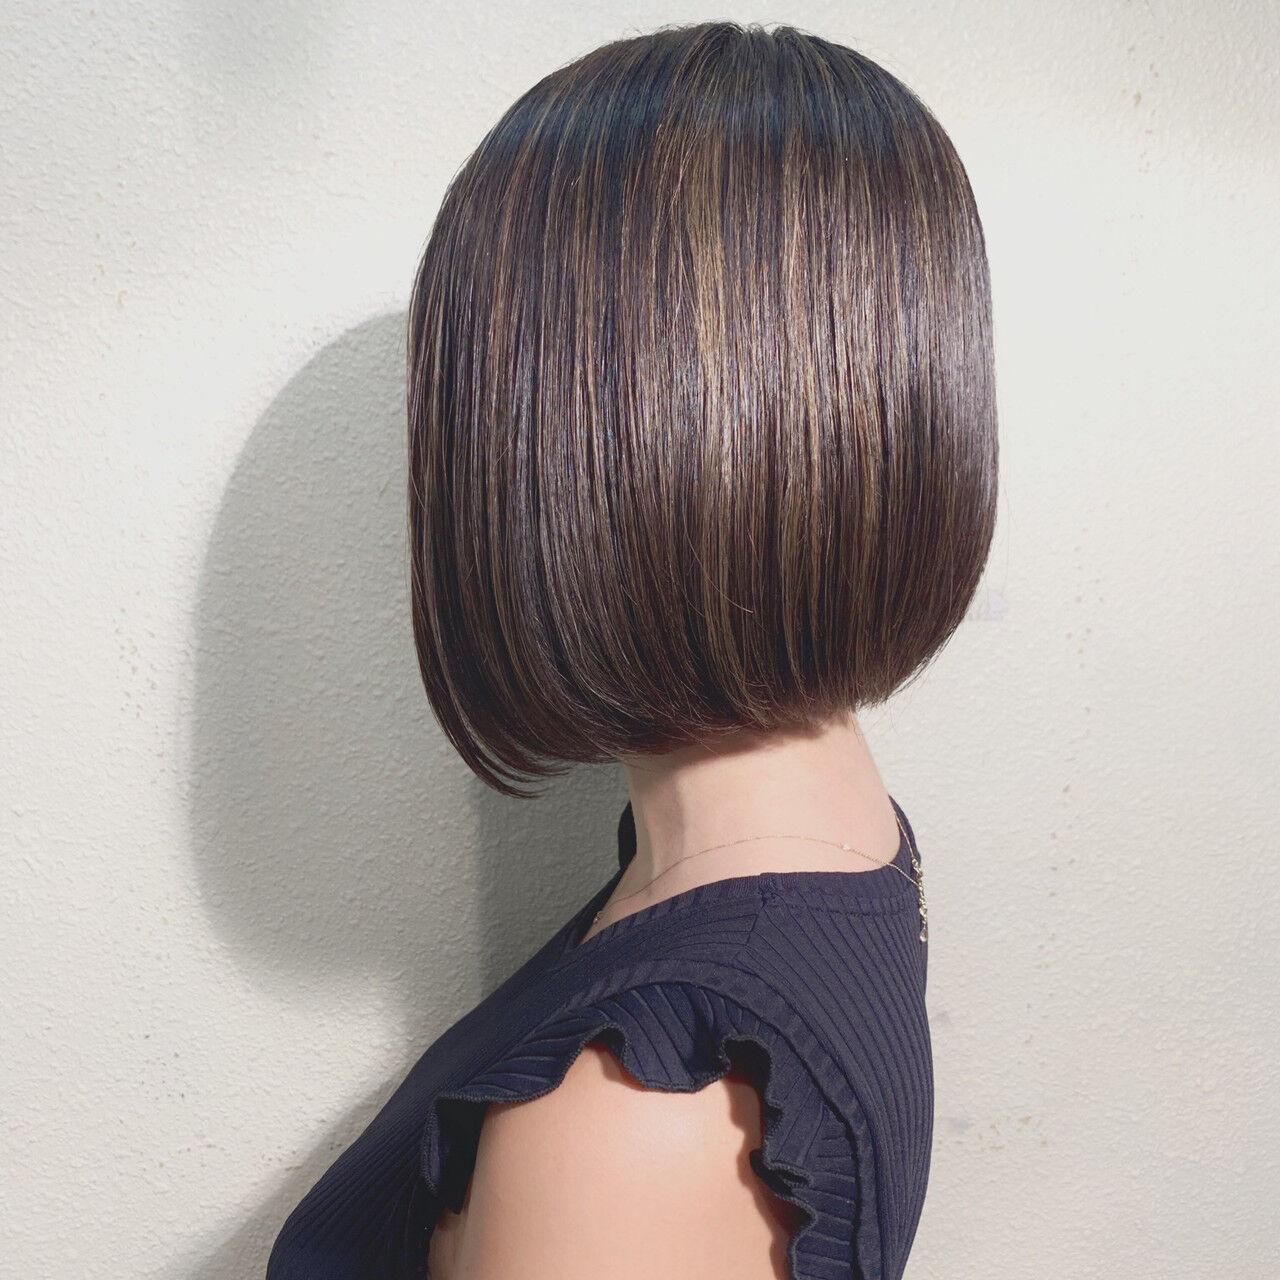 前下がりボブ ハイライト モテボブ ボブヘアスタイルや髪型の写真・画像